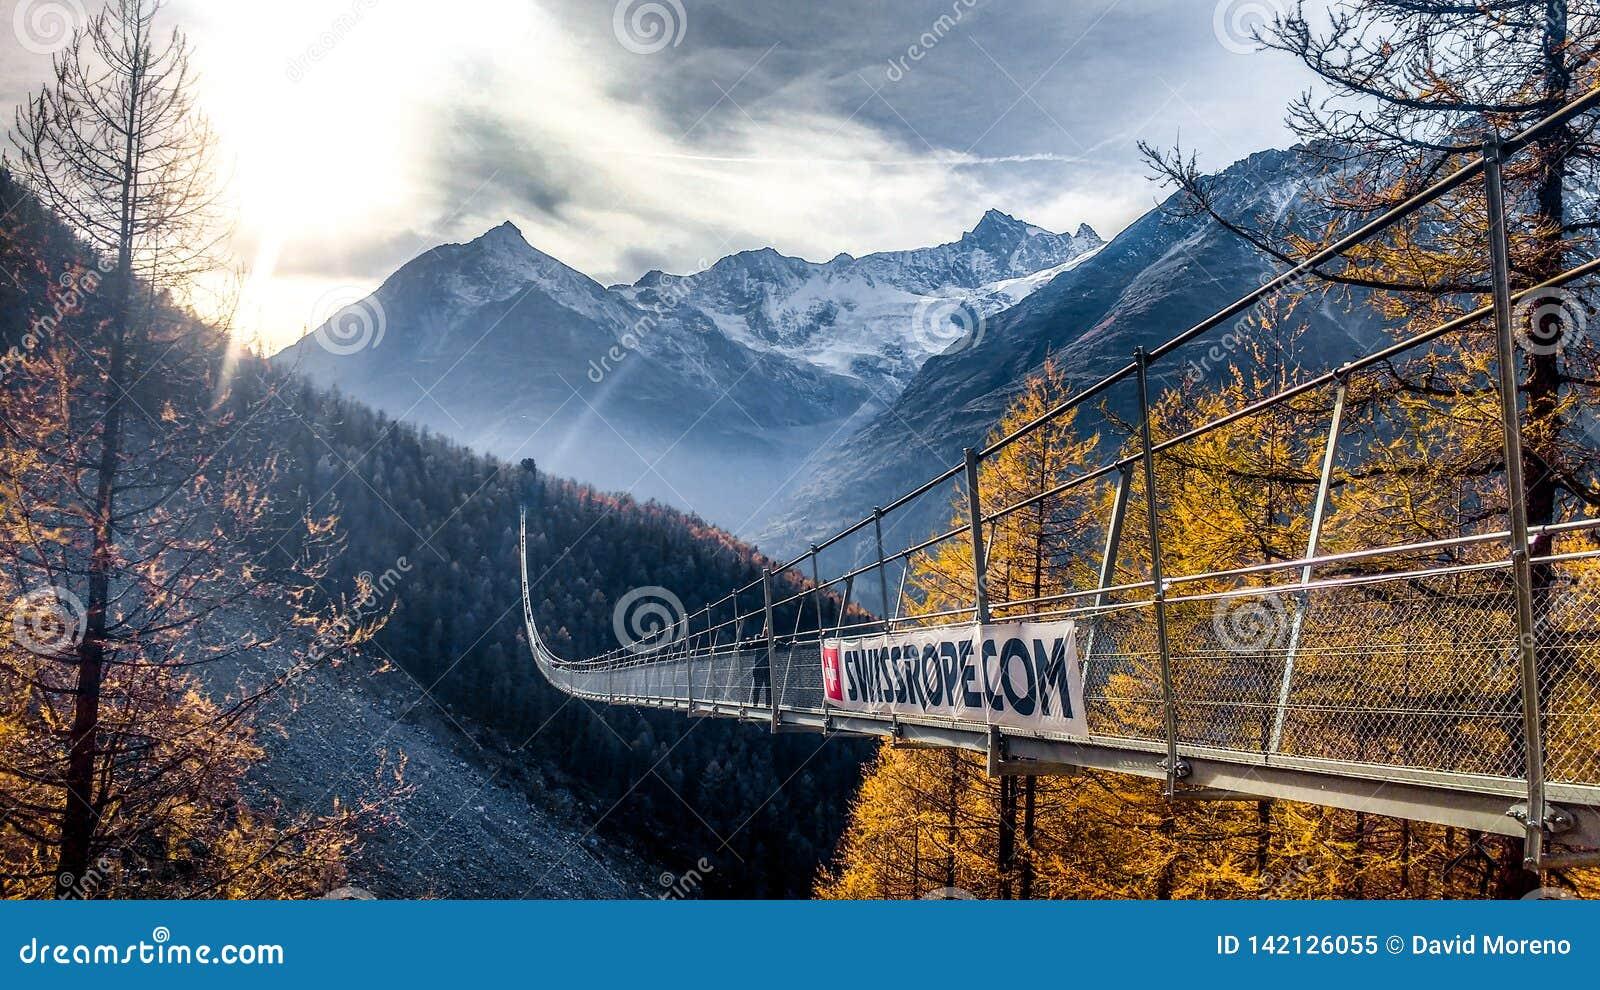 Snak opgeschorte brug kruisend abysm in Zwitserland